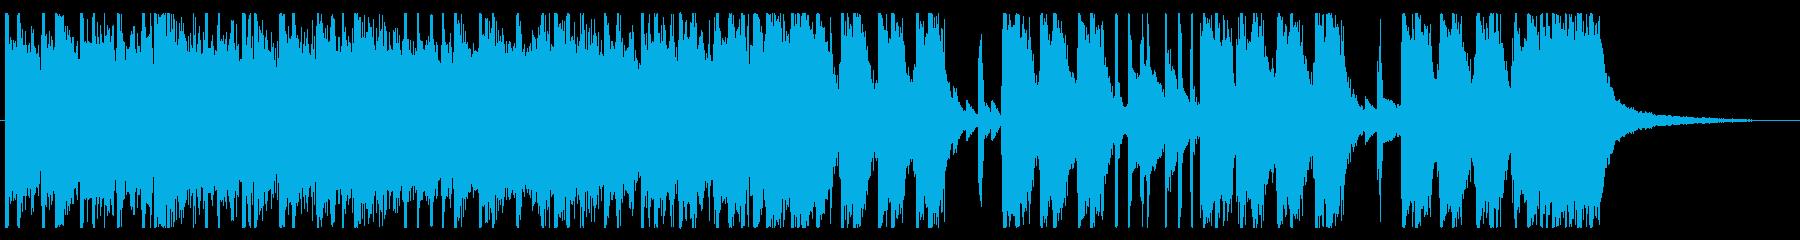 ロック調のエネルギッシュなジングルの再生済みの波形